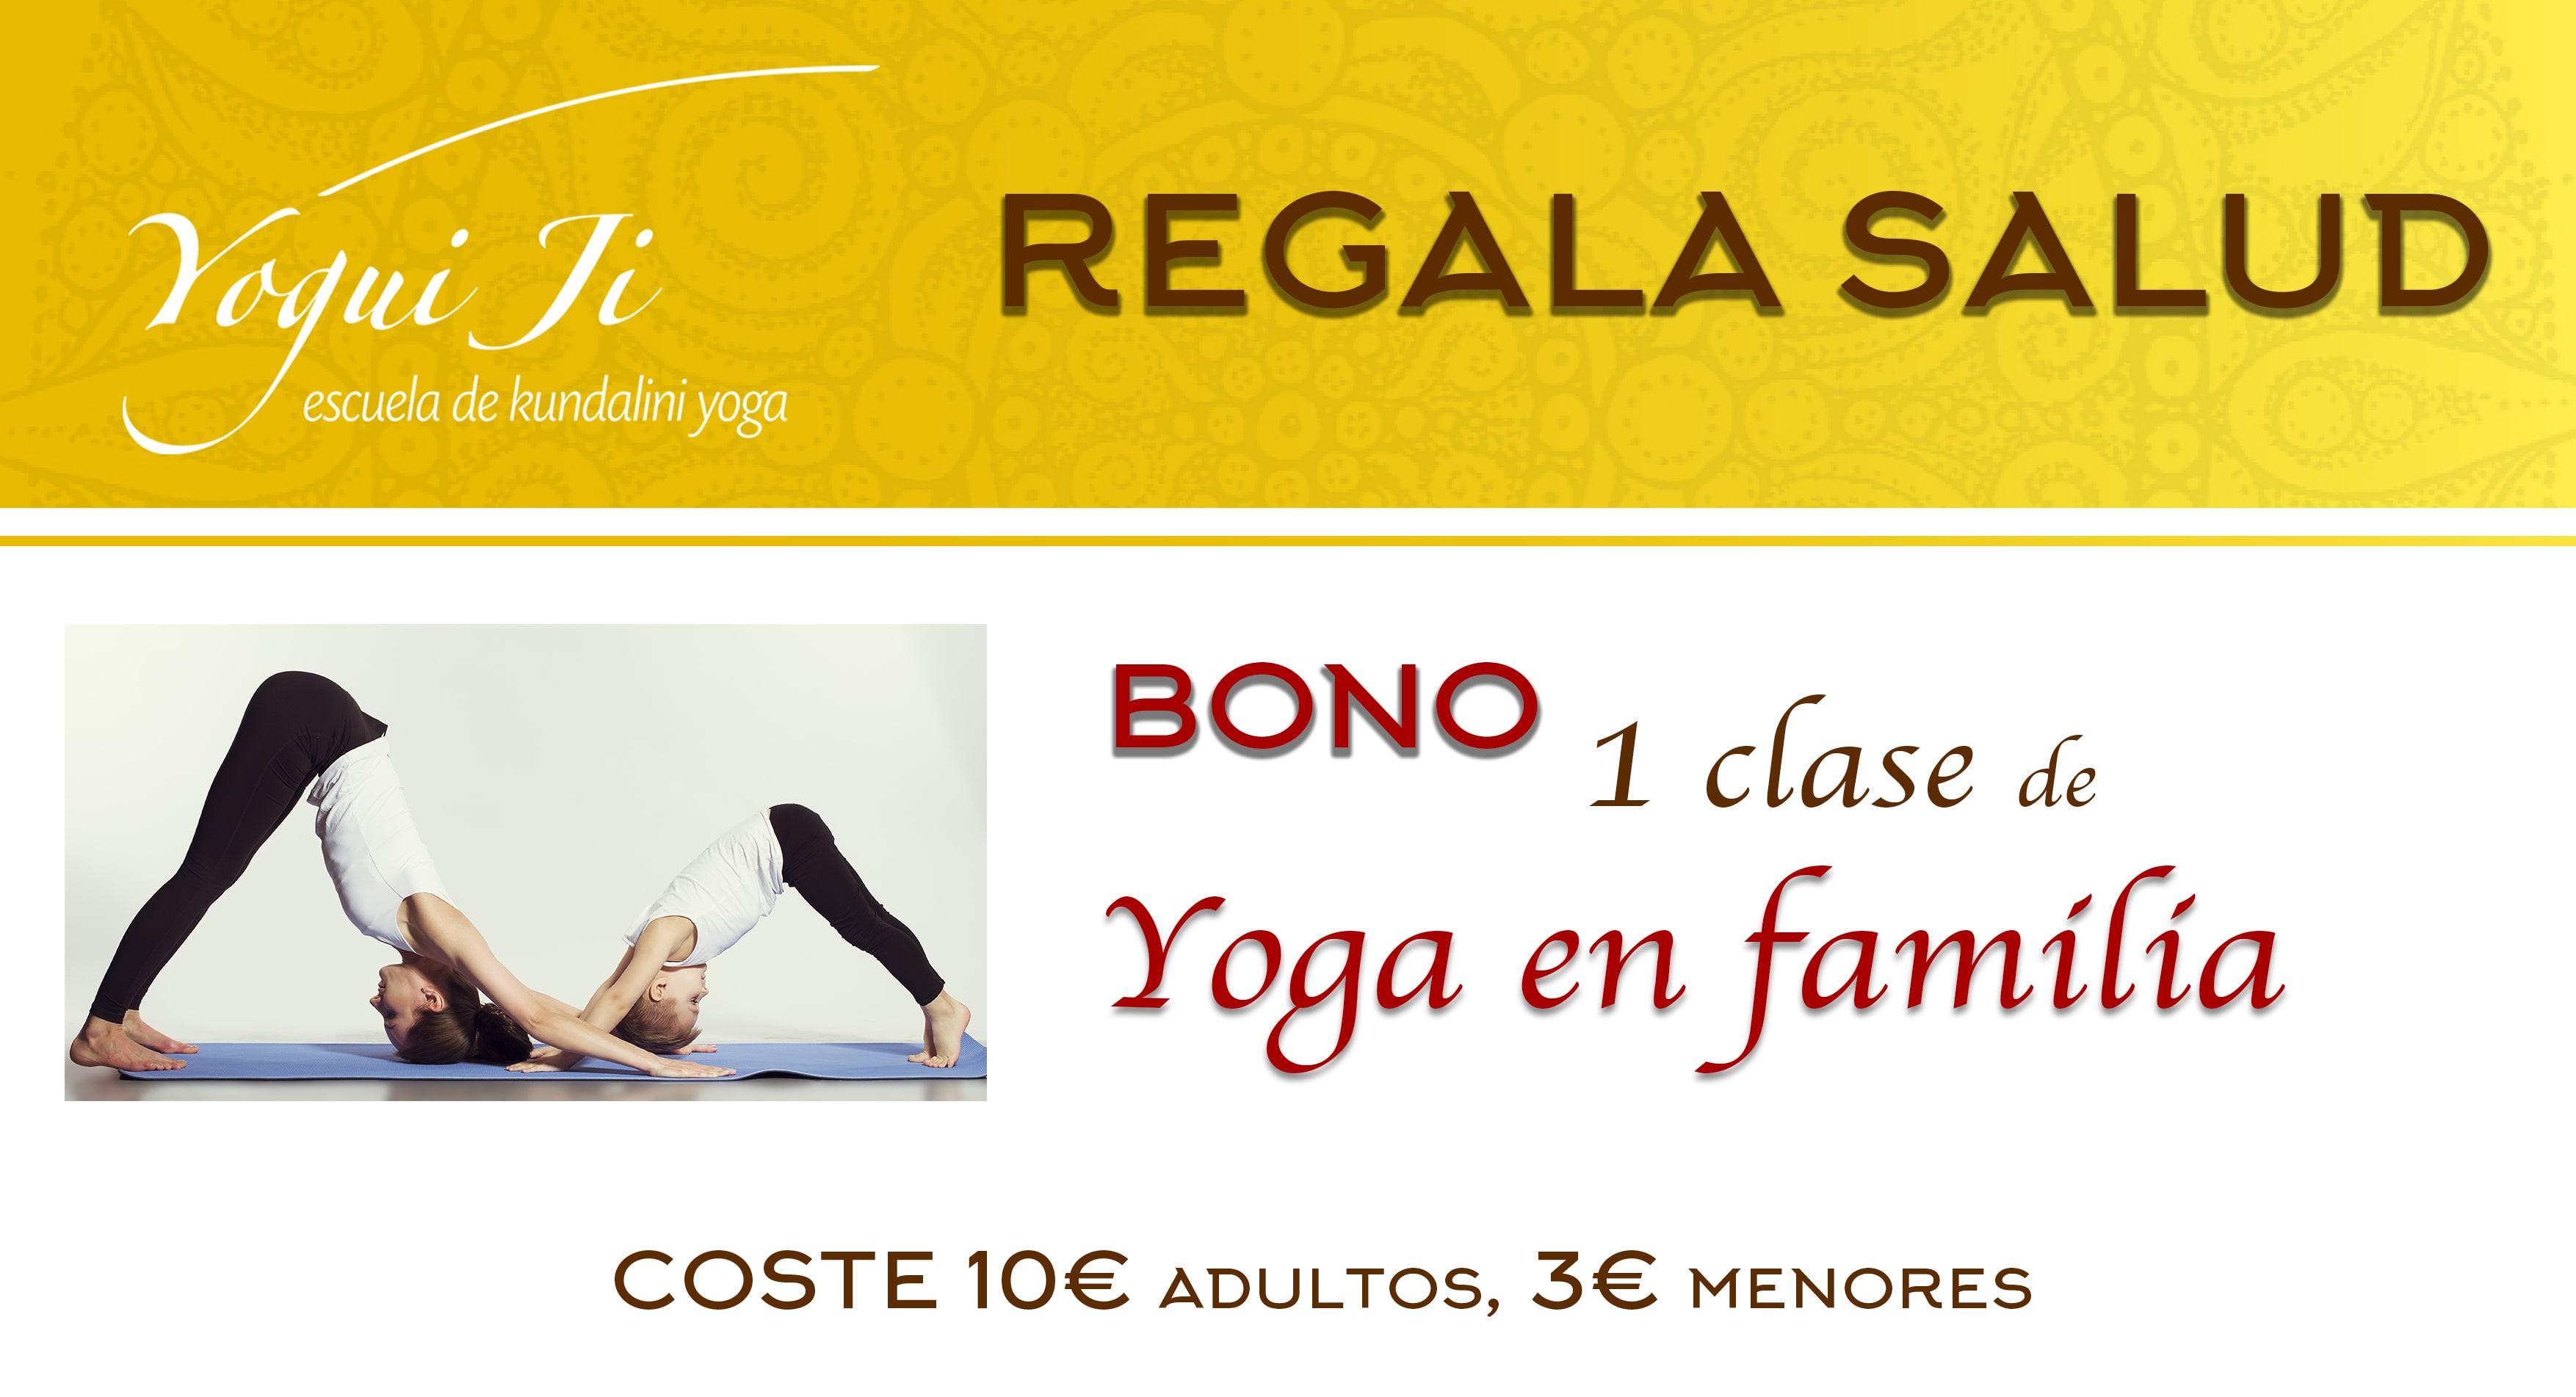 Bono yoga en familia